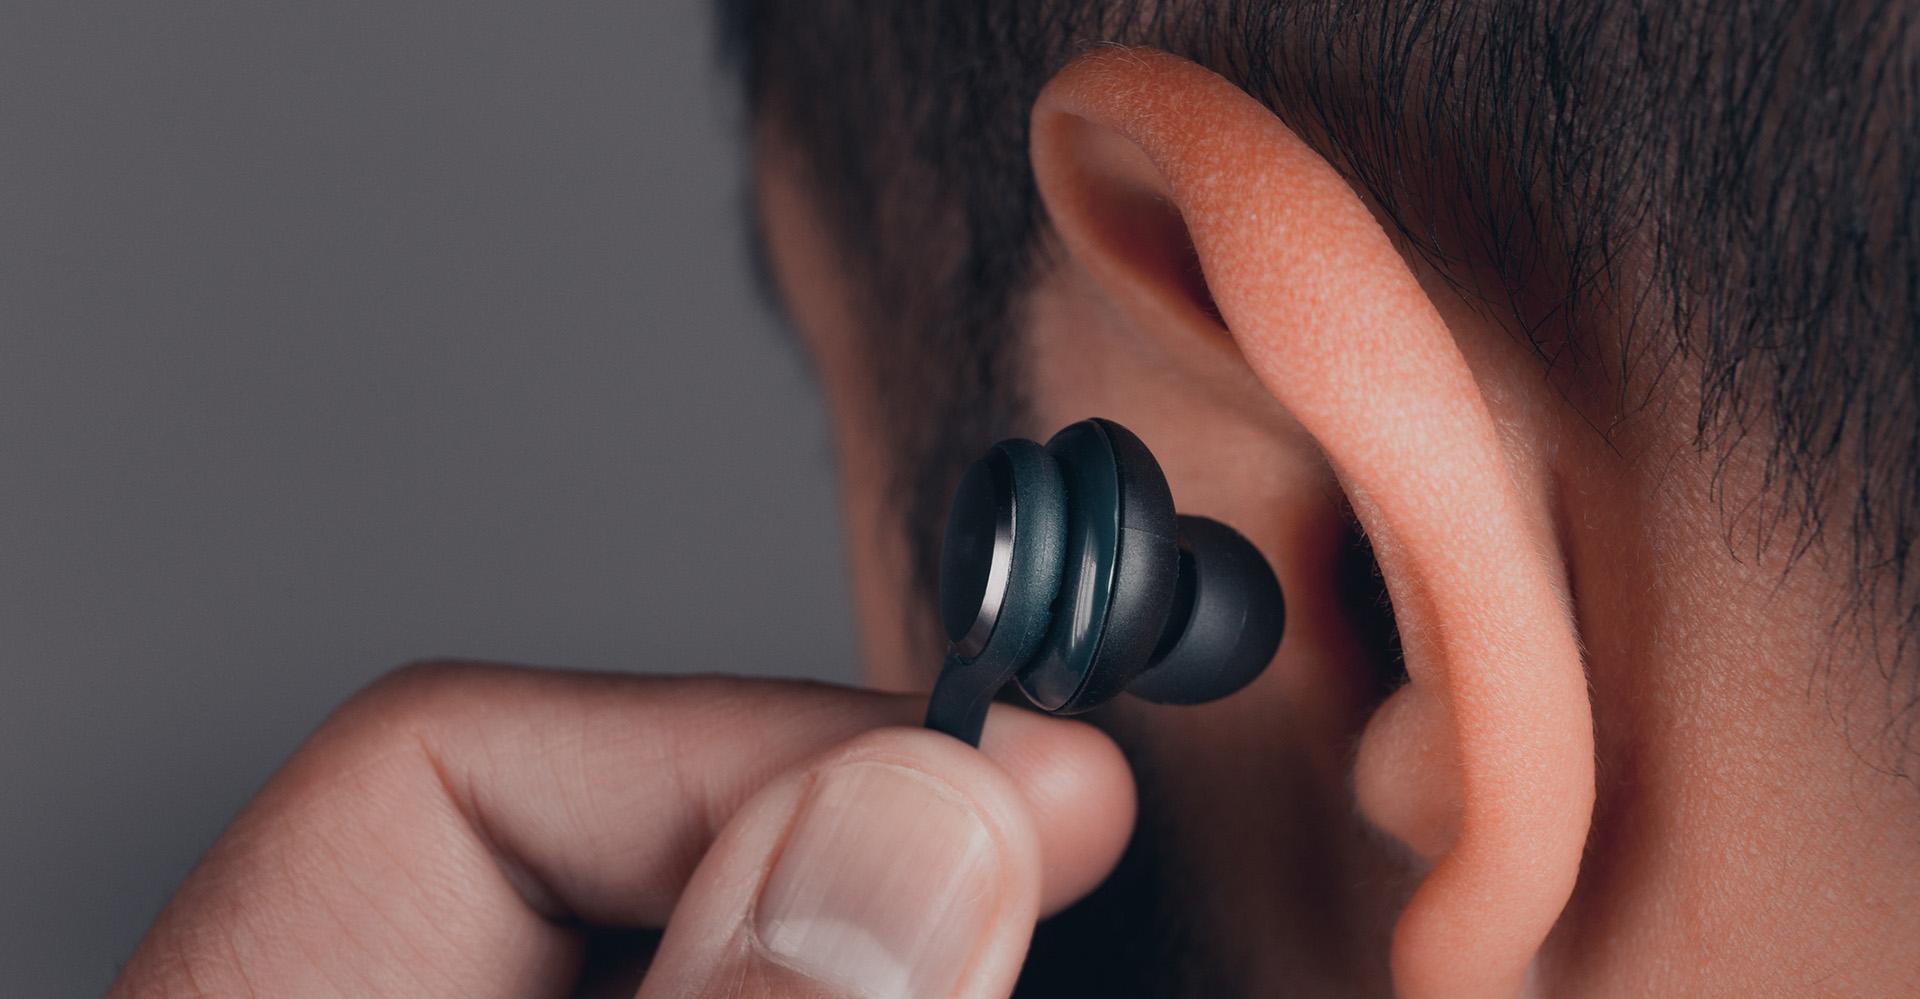 Kopfhörer-Arten: In-Ears